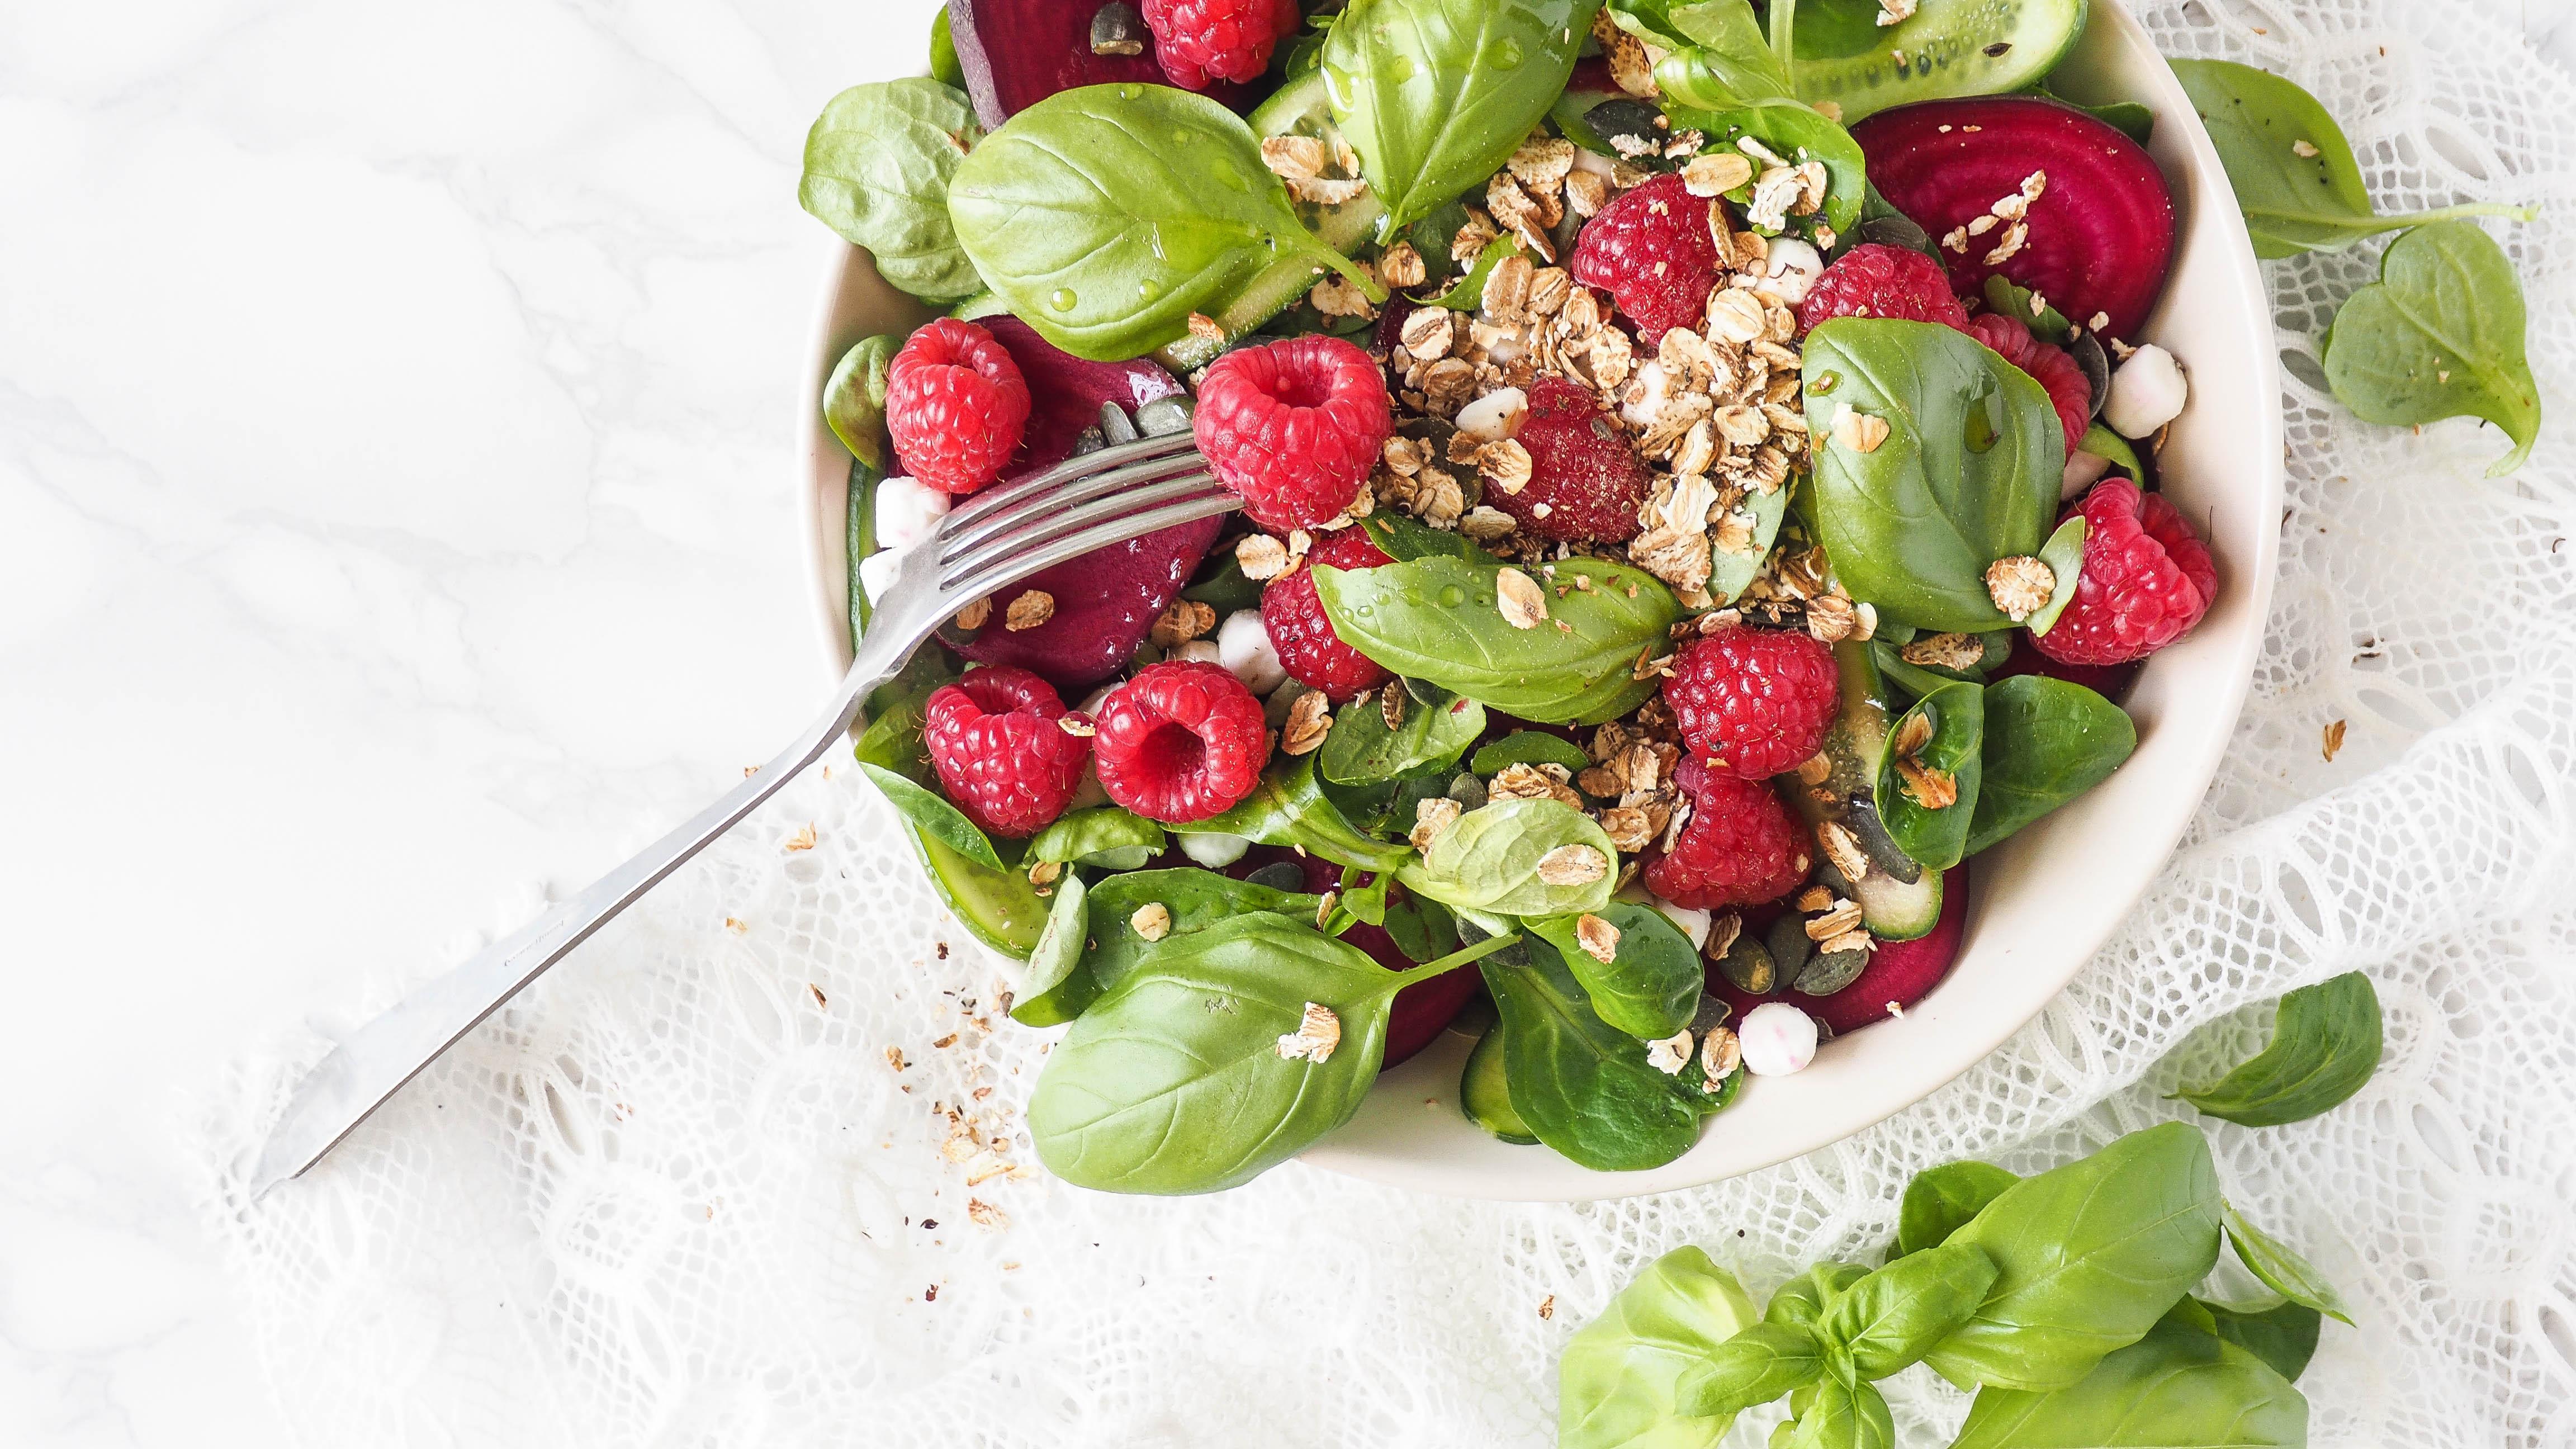 Recept: Zomerse salade met geitenkaas, bietjes en frambozen